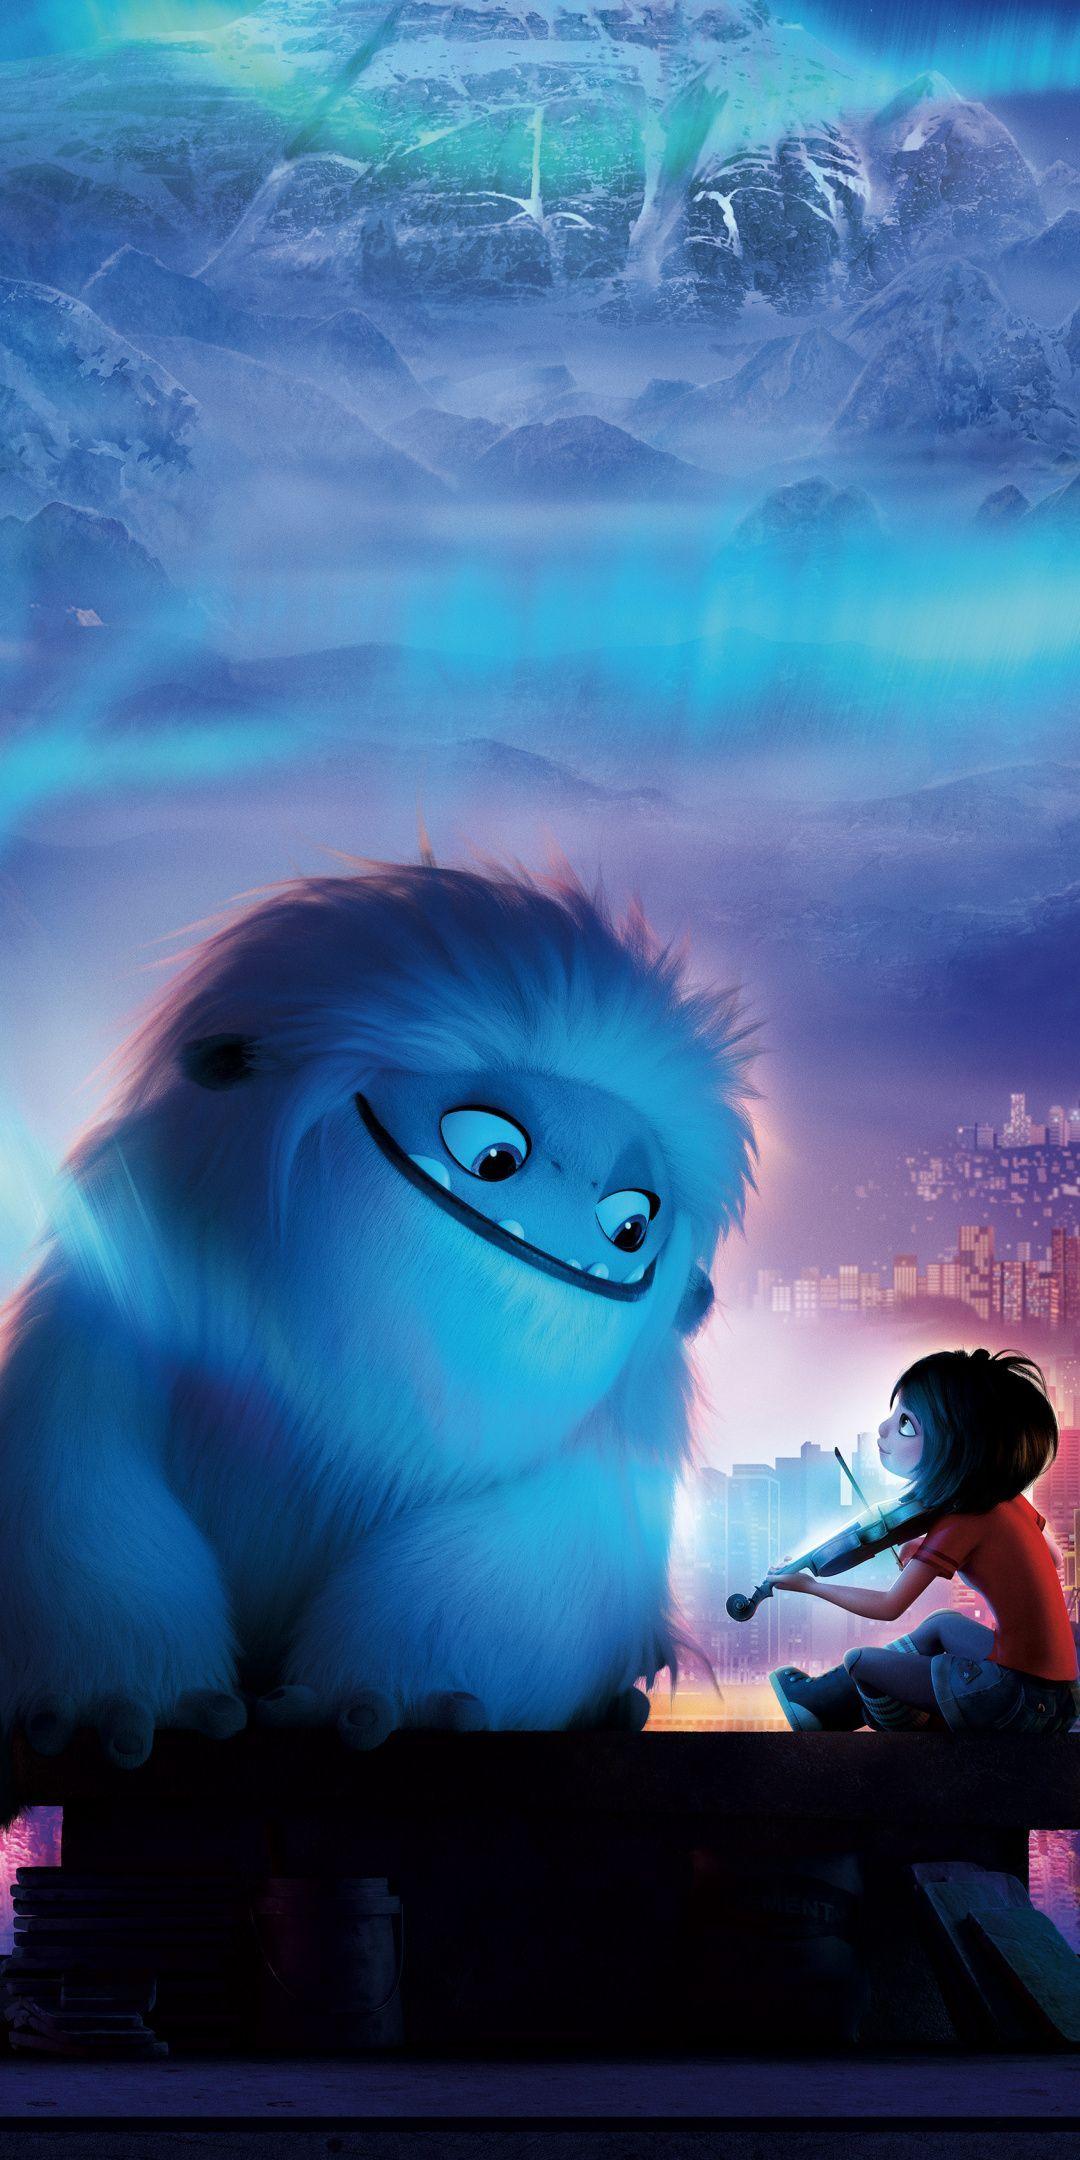 1080x2160 abominable yeti and boy animation movie